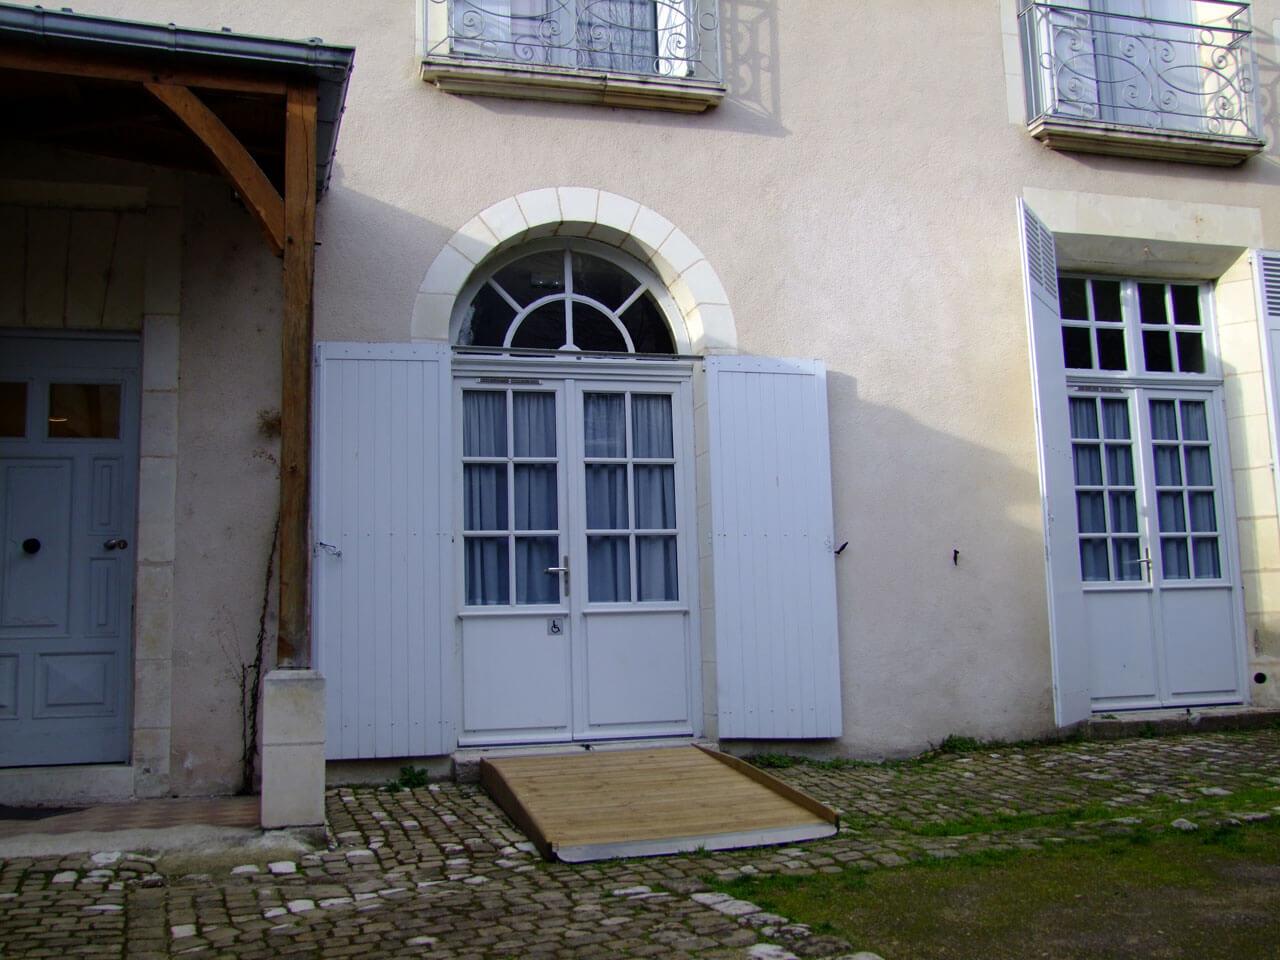 Maison d'Accueil Saint-Martin de Tours